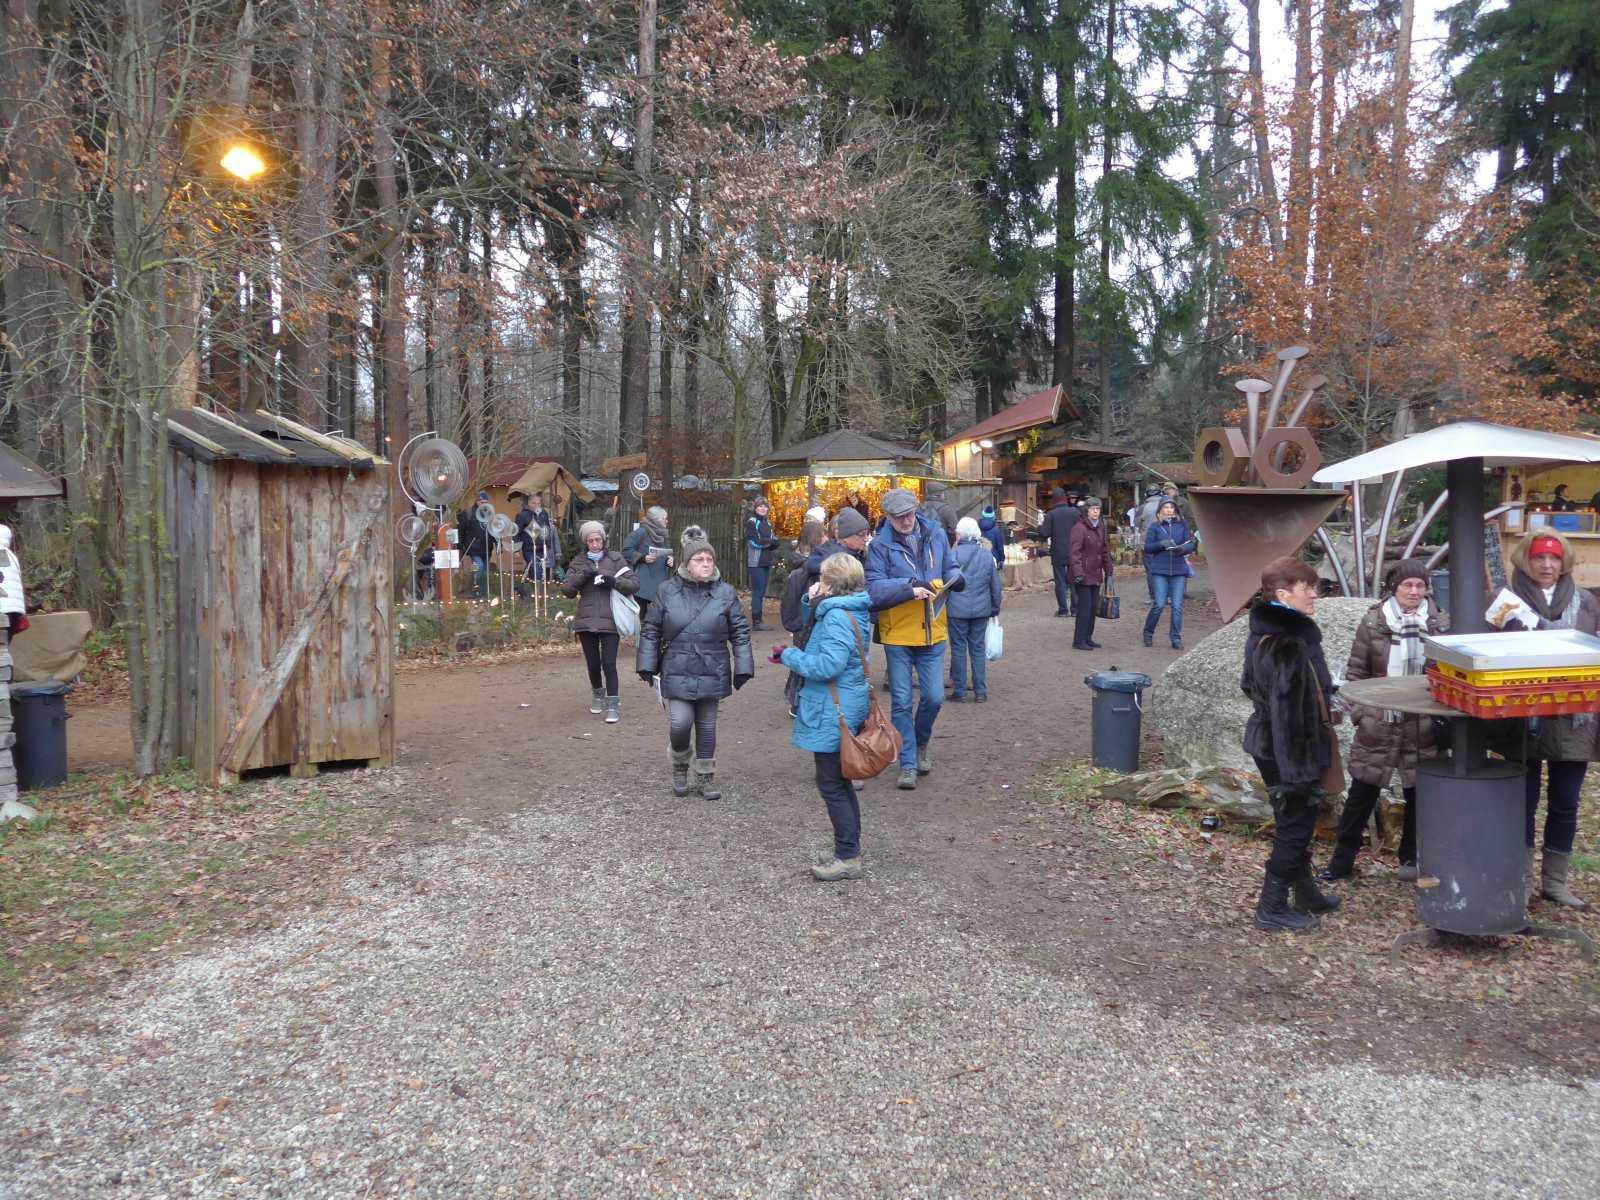 Wald-Weihnachtsmarkt, Halsbach